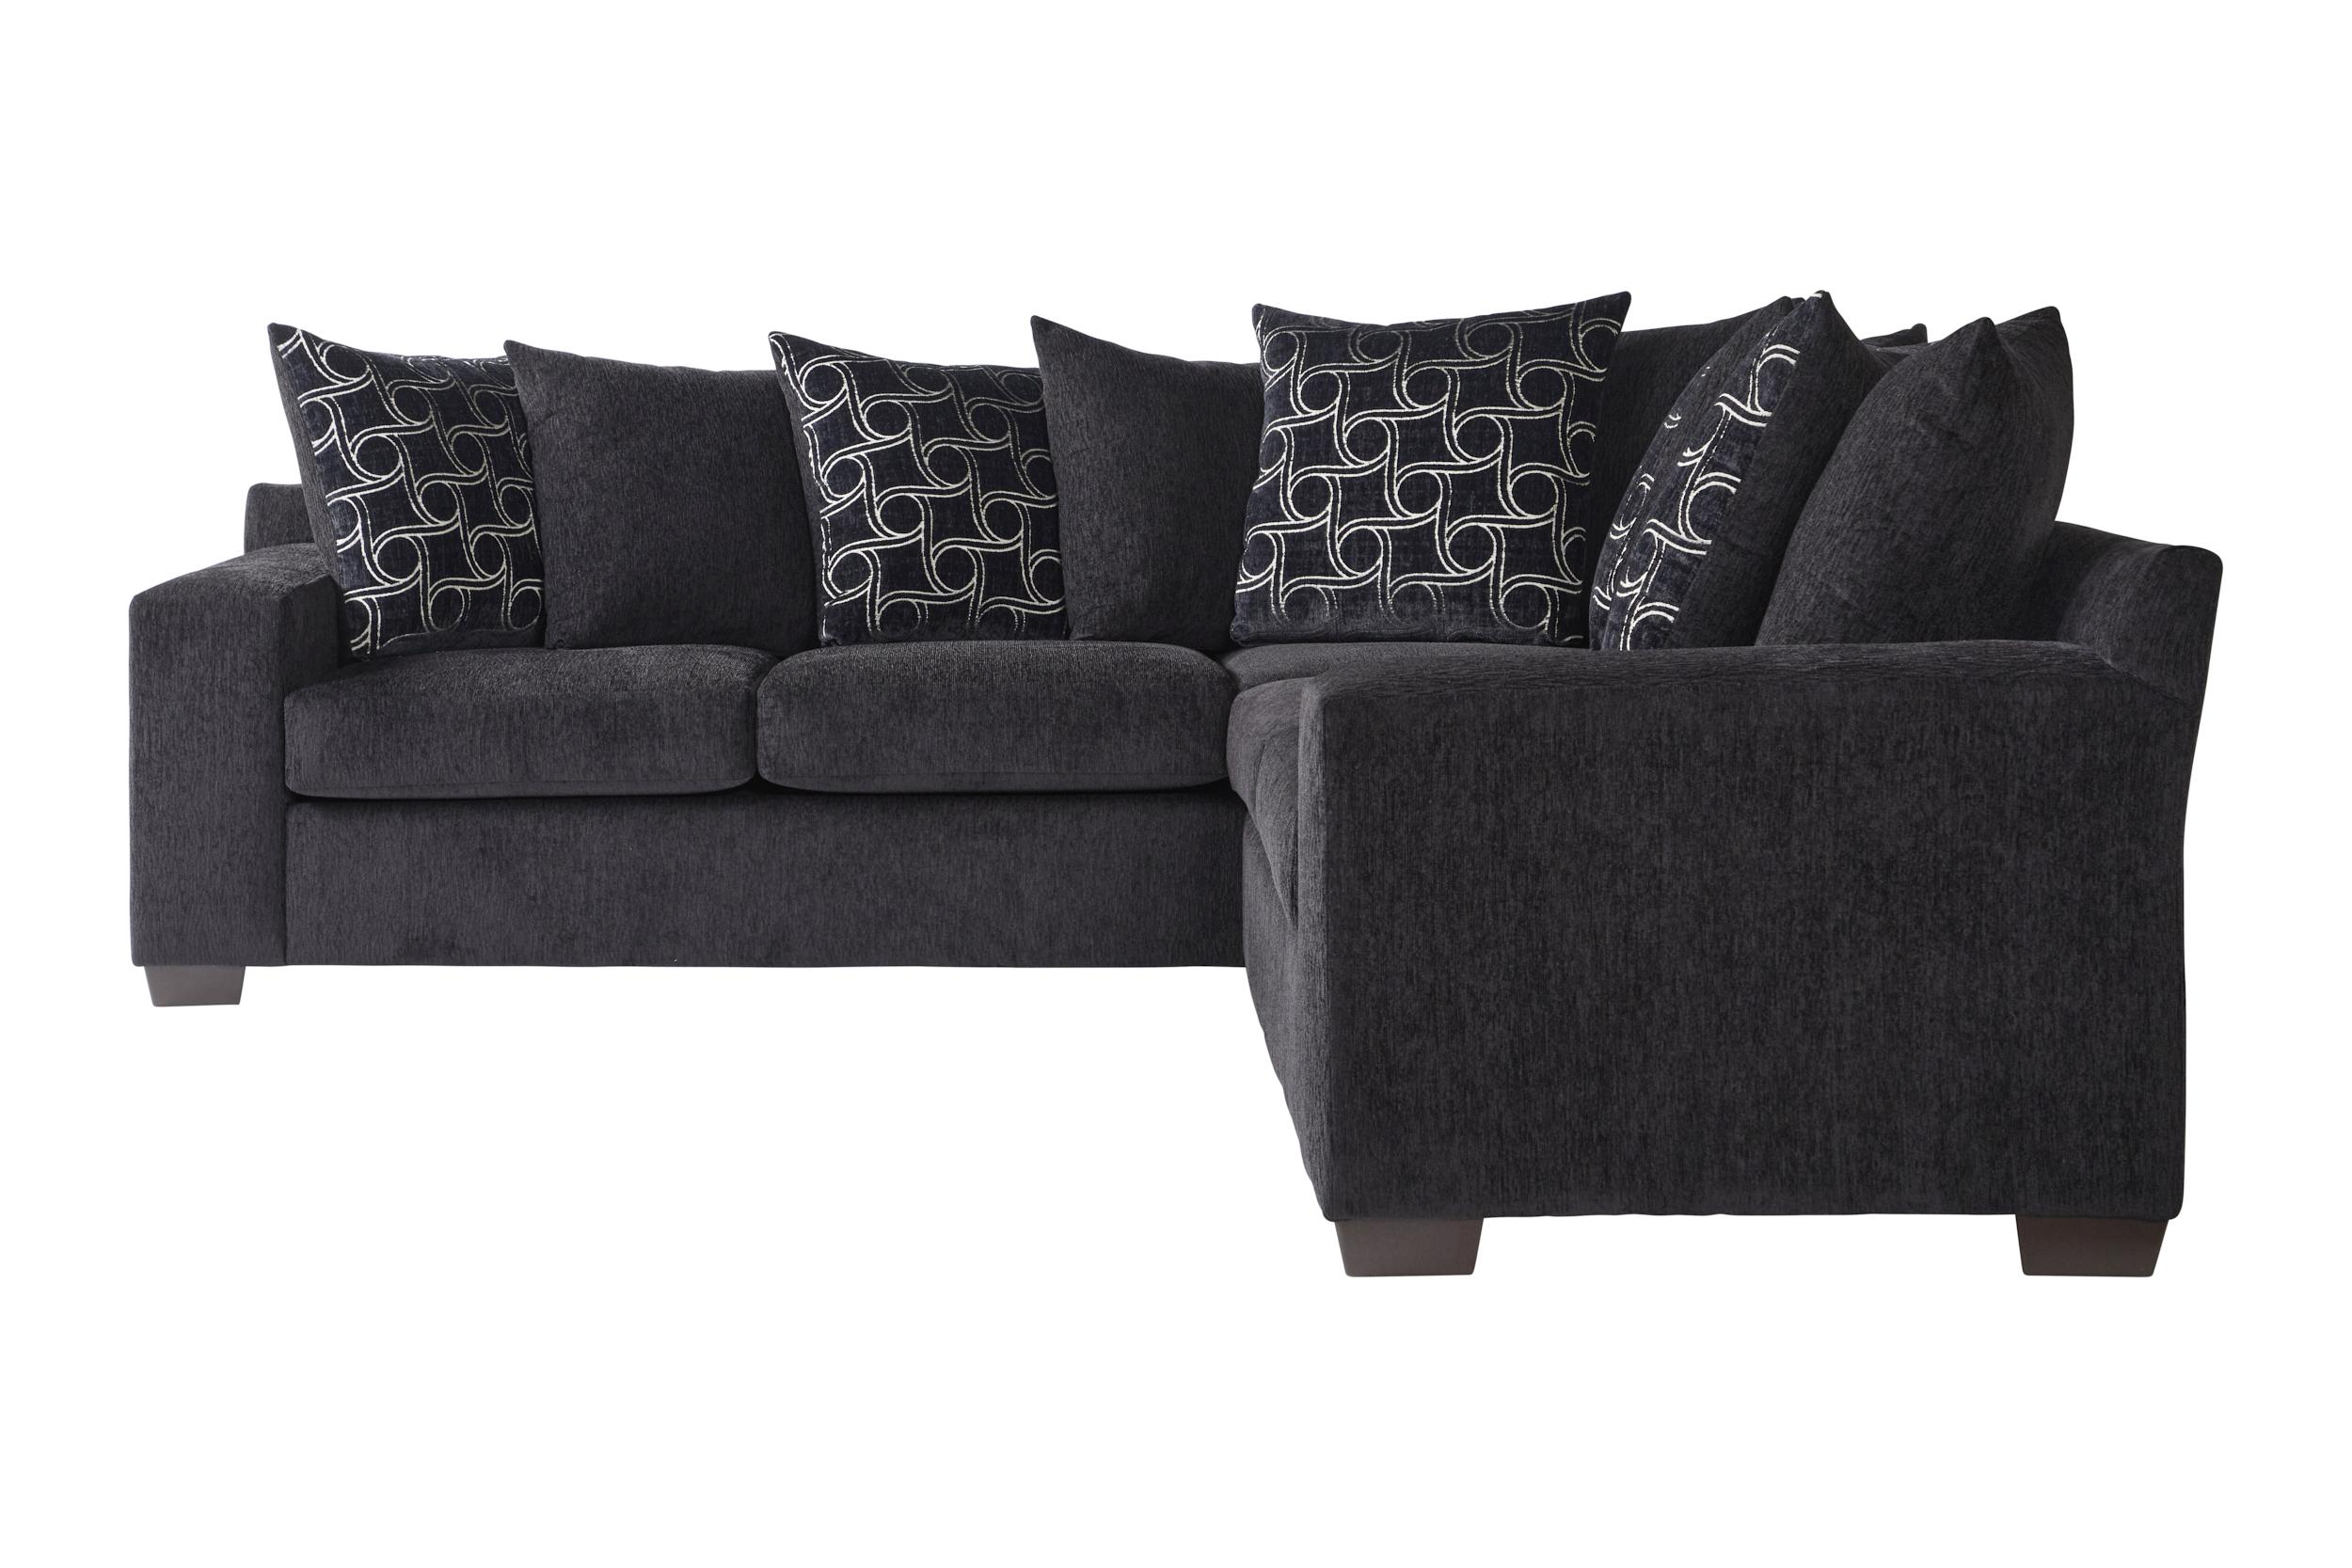 18990 Right Facing Sofa